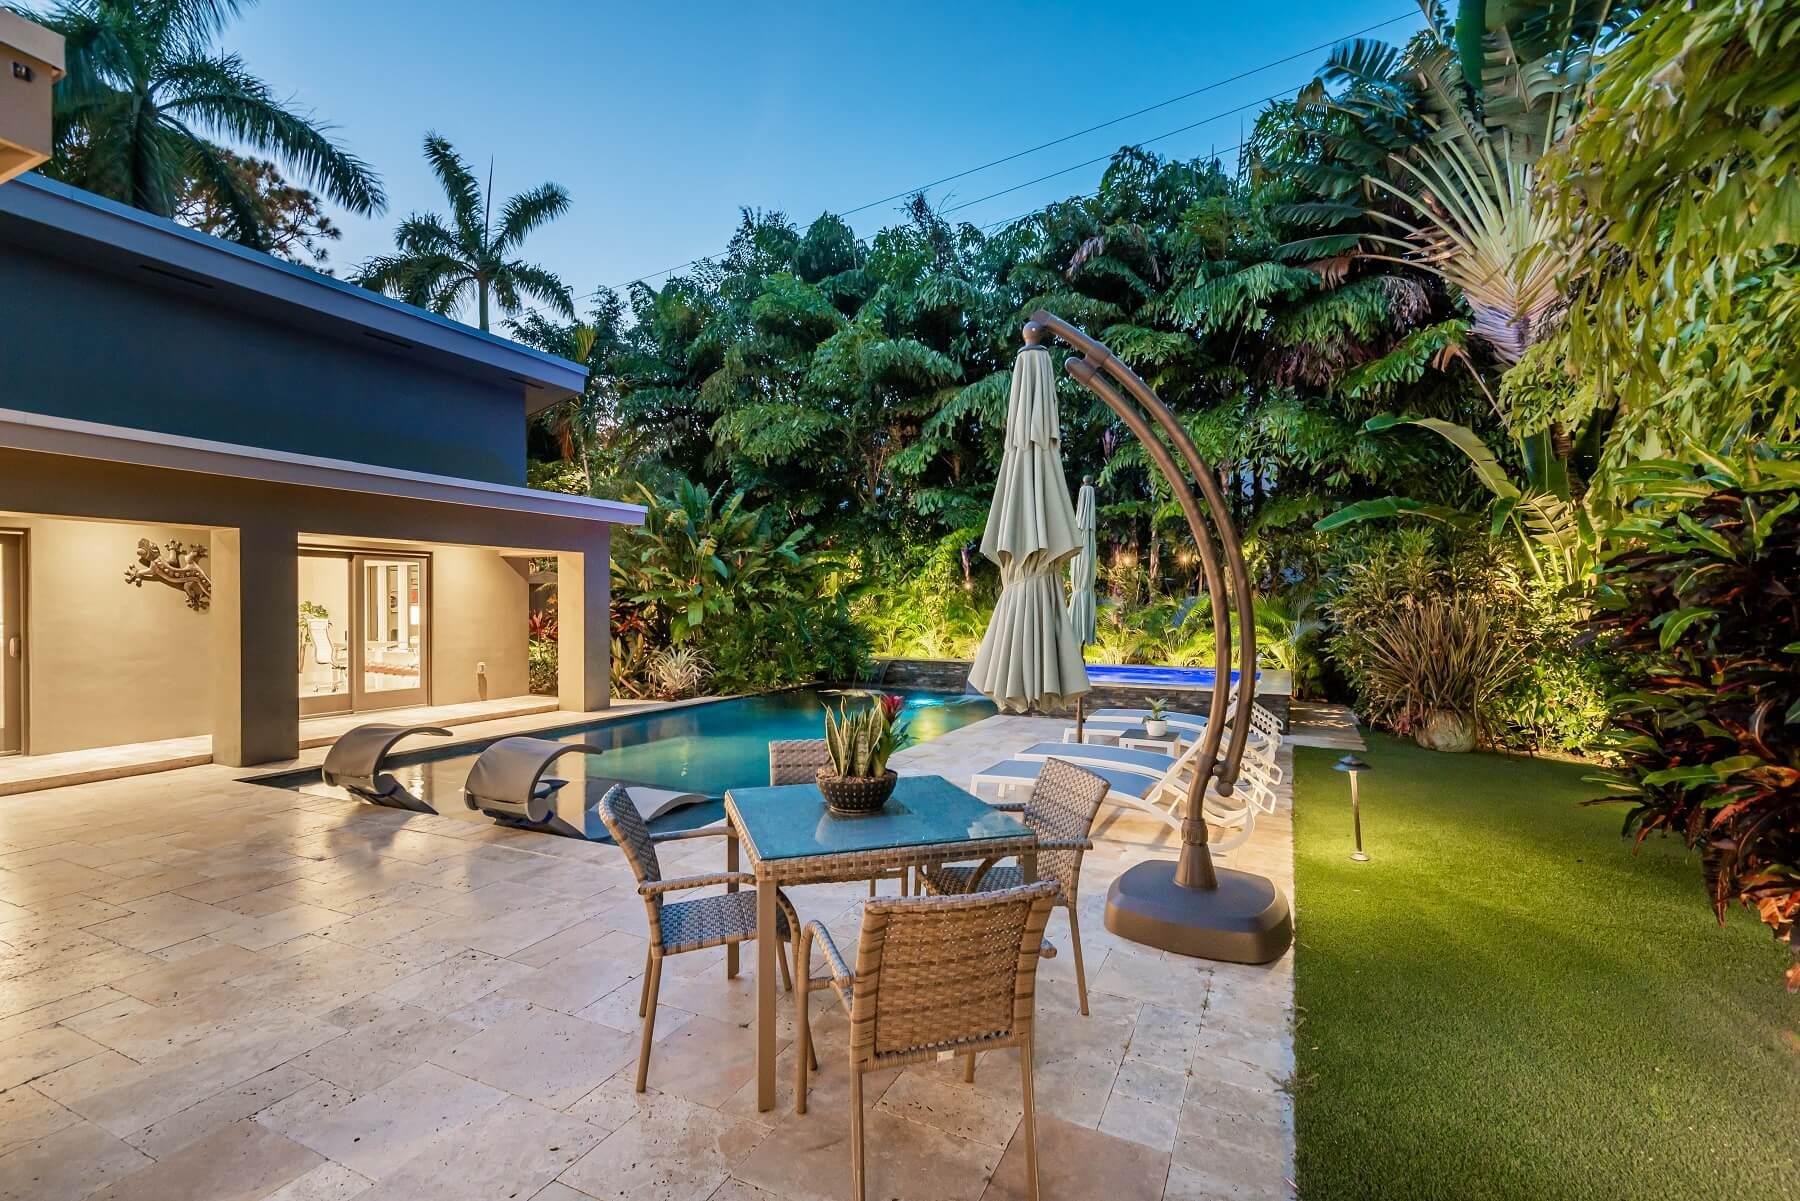 zen den backyard and pool